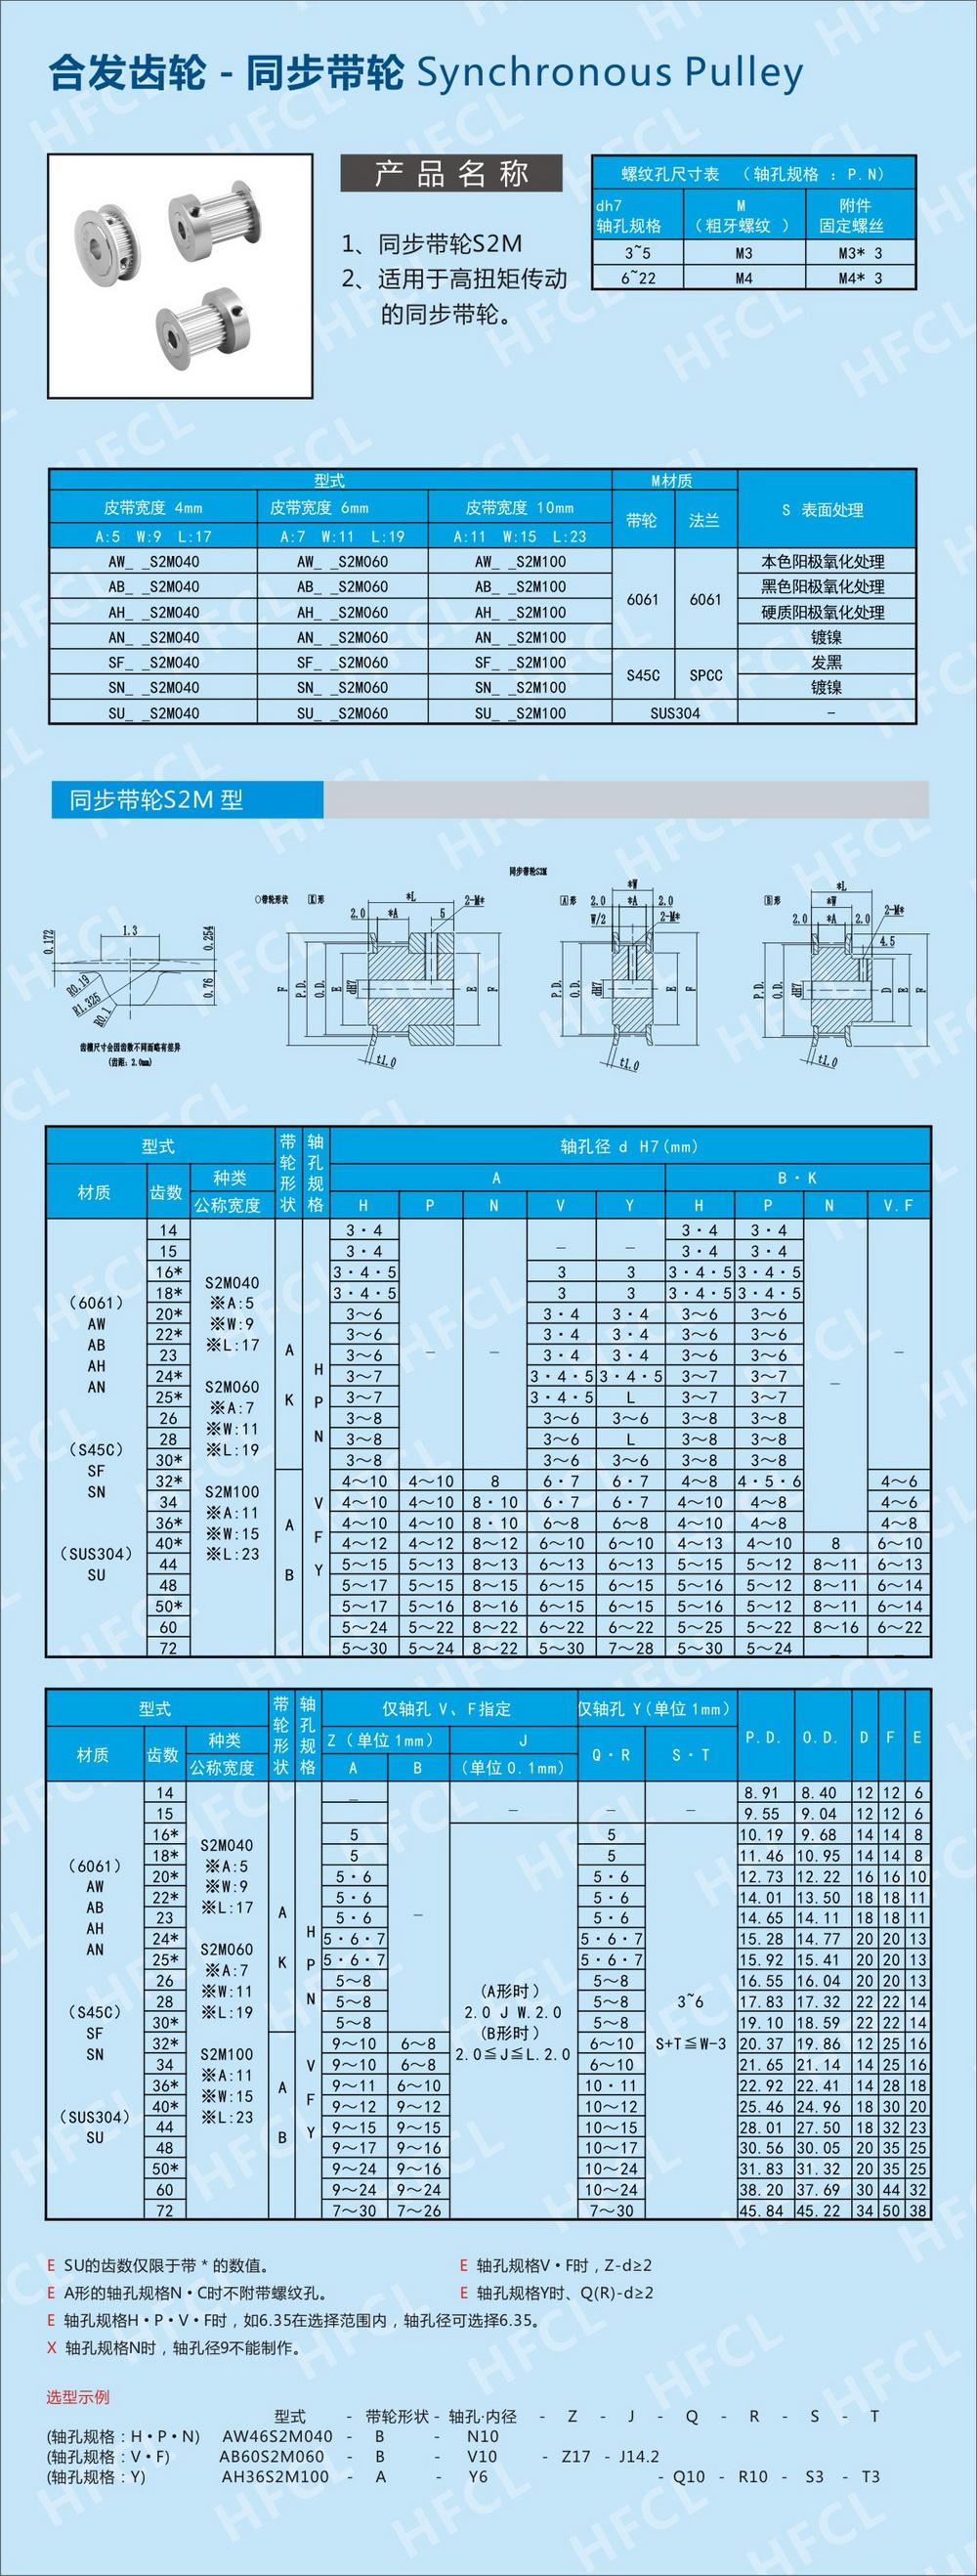 h型同步带轮参数_S2M同步带轮 _尺寸_深圳市合发齿轮机械有限公司